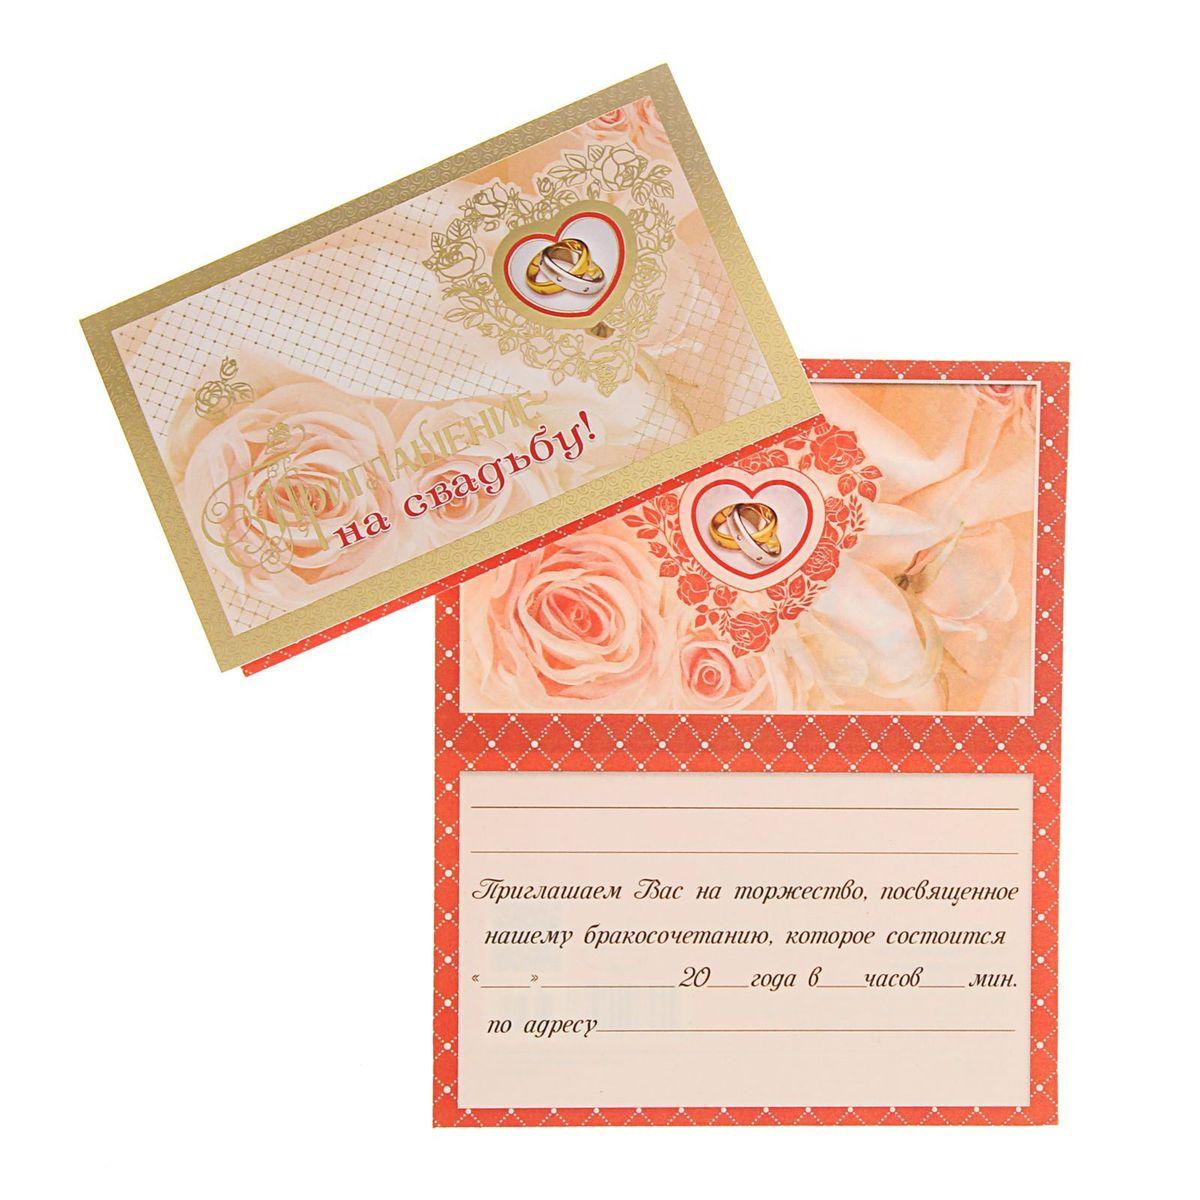 Пригласительные открытки нам свадьбу 628